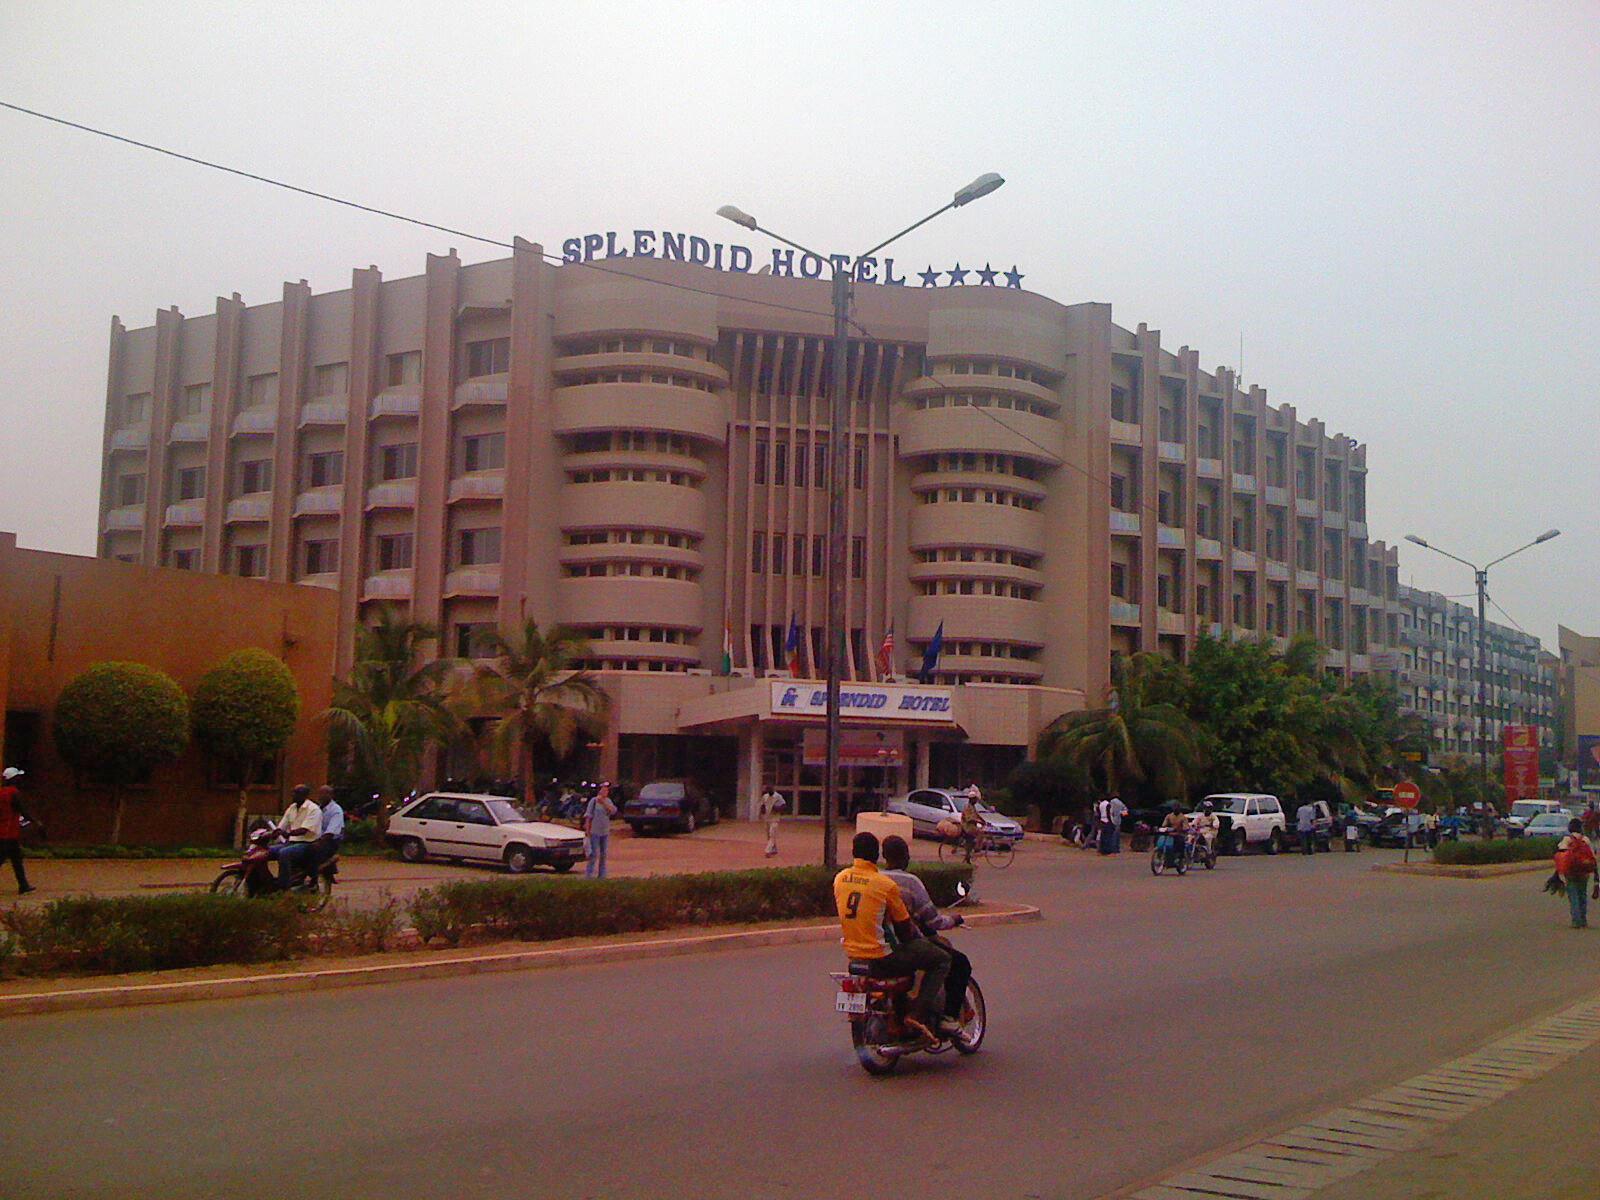 Le Splendid Hôtel à Ouagadougou est fréquenté par les Occidentaux et les personnels onusiens.